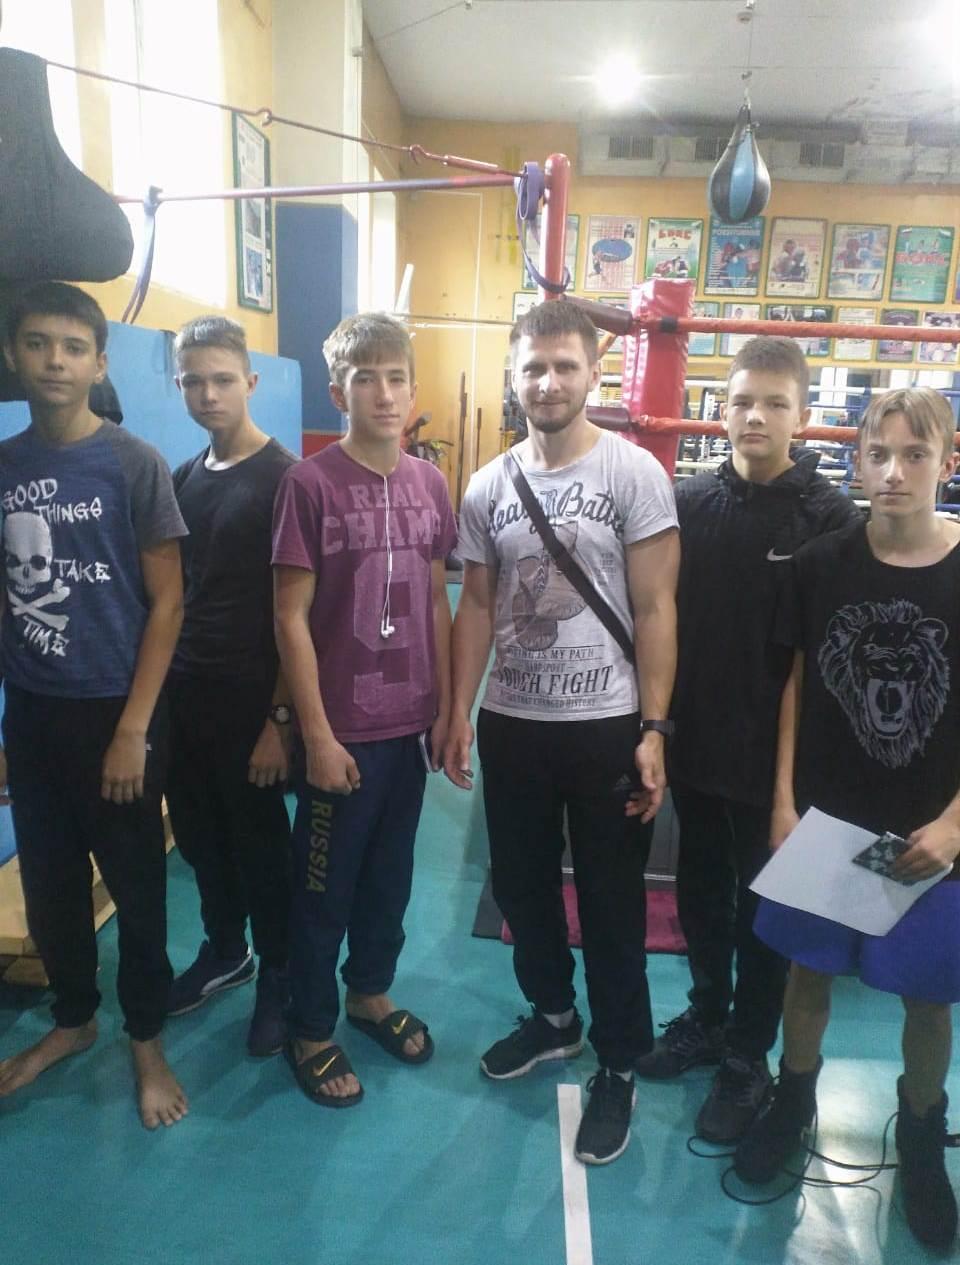 Уссурийские боксеры с тренером Игорем Ярмульским.